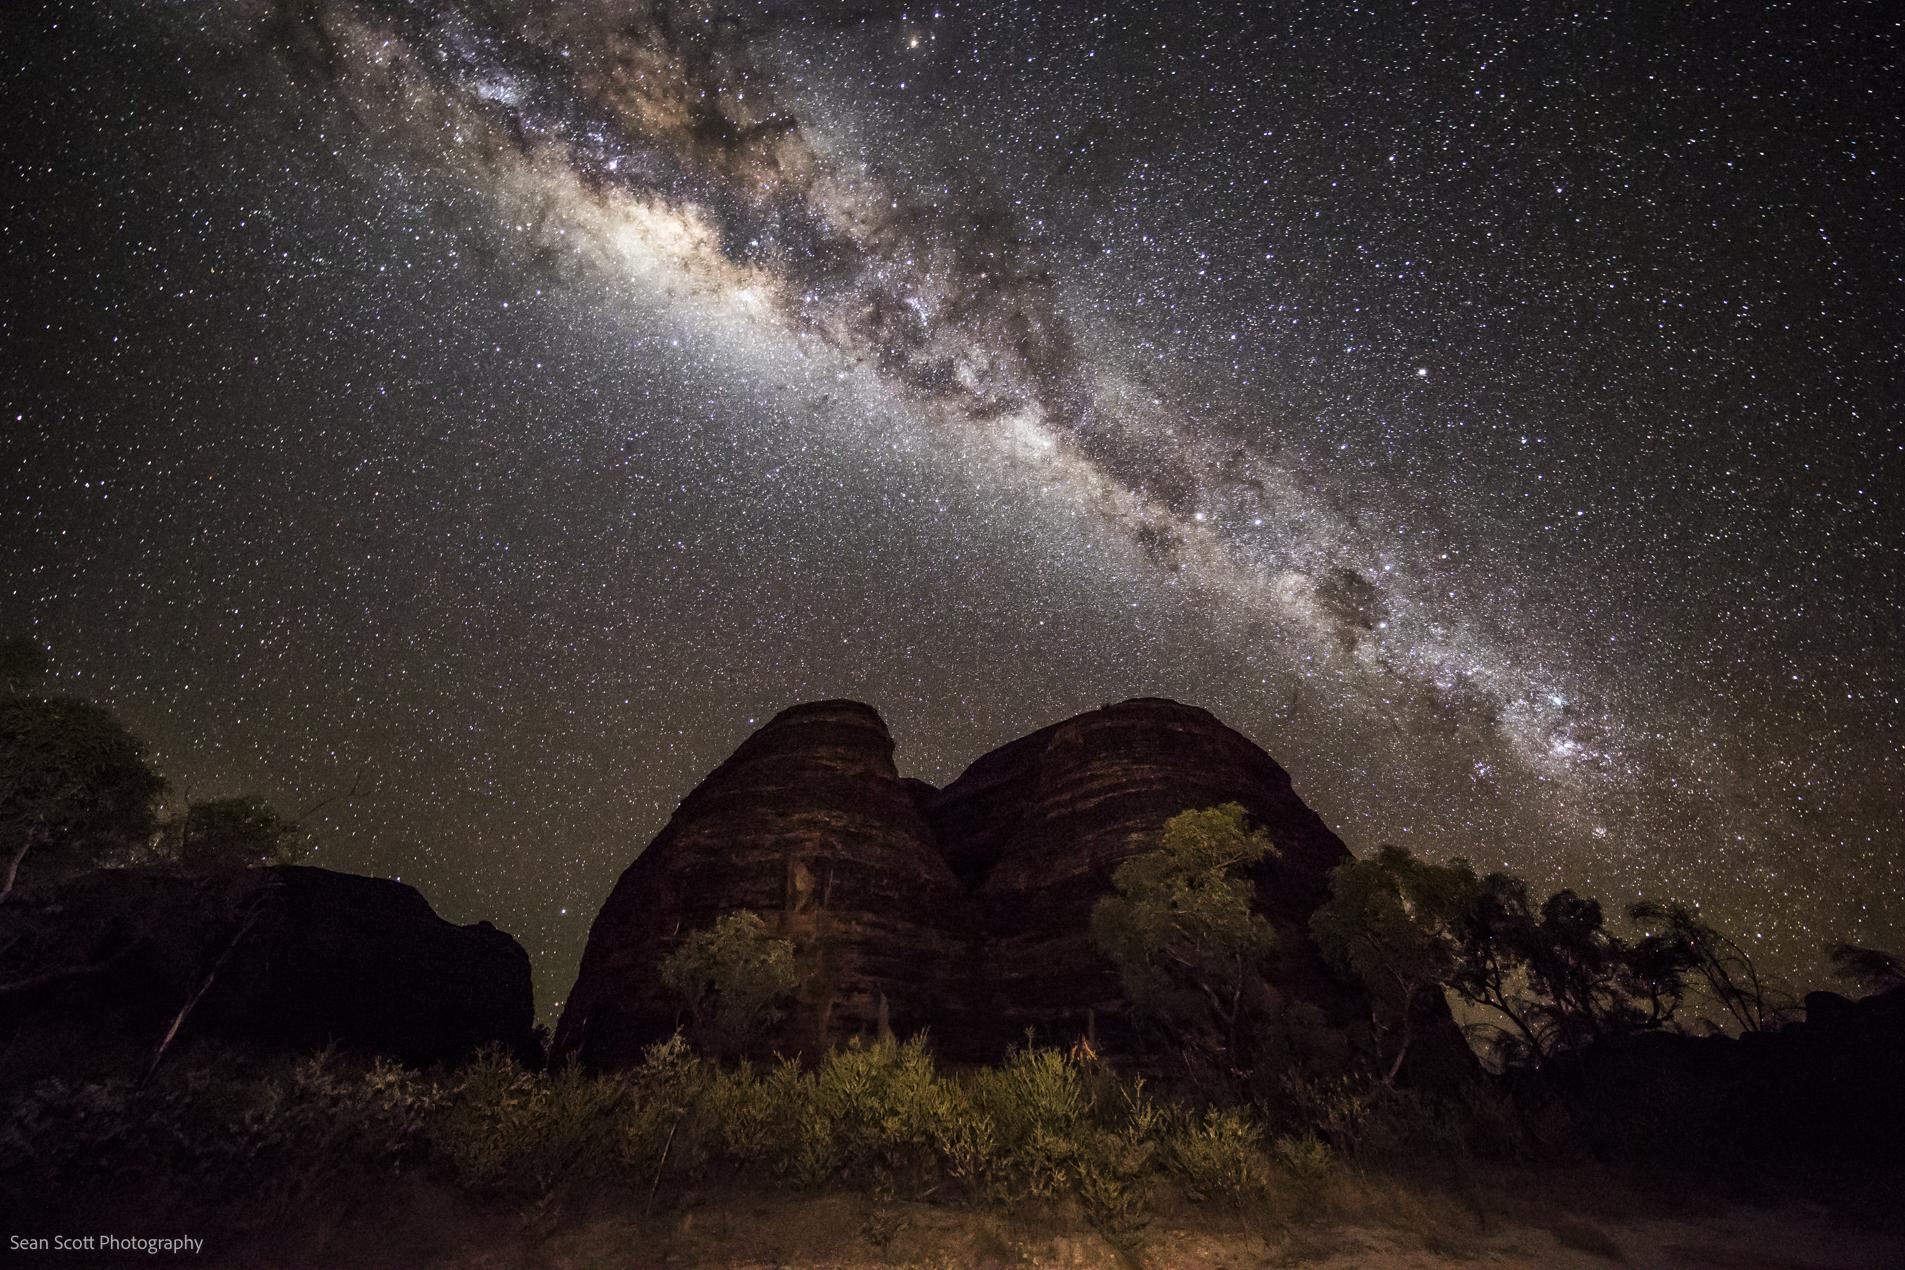 The Milky Way, The Kimberley